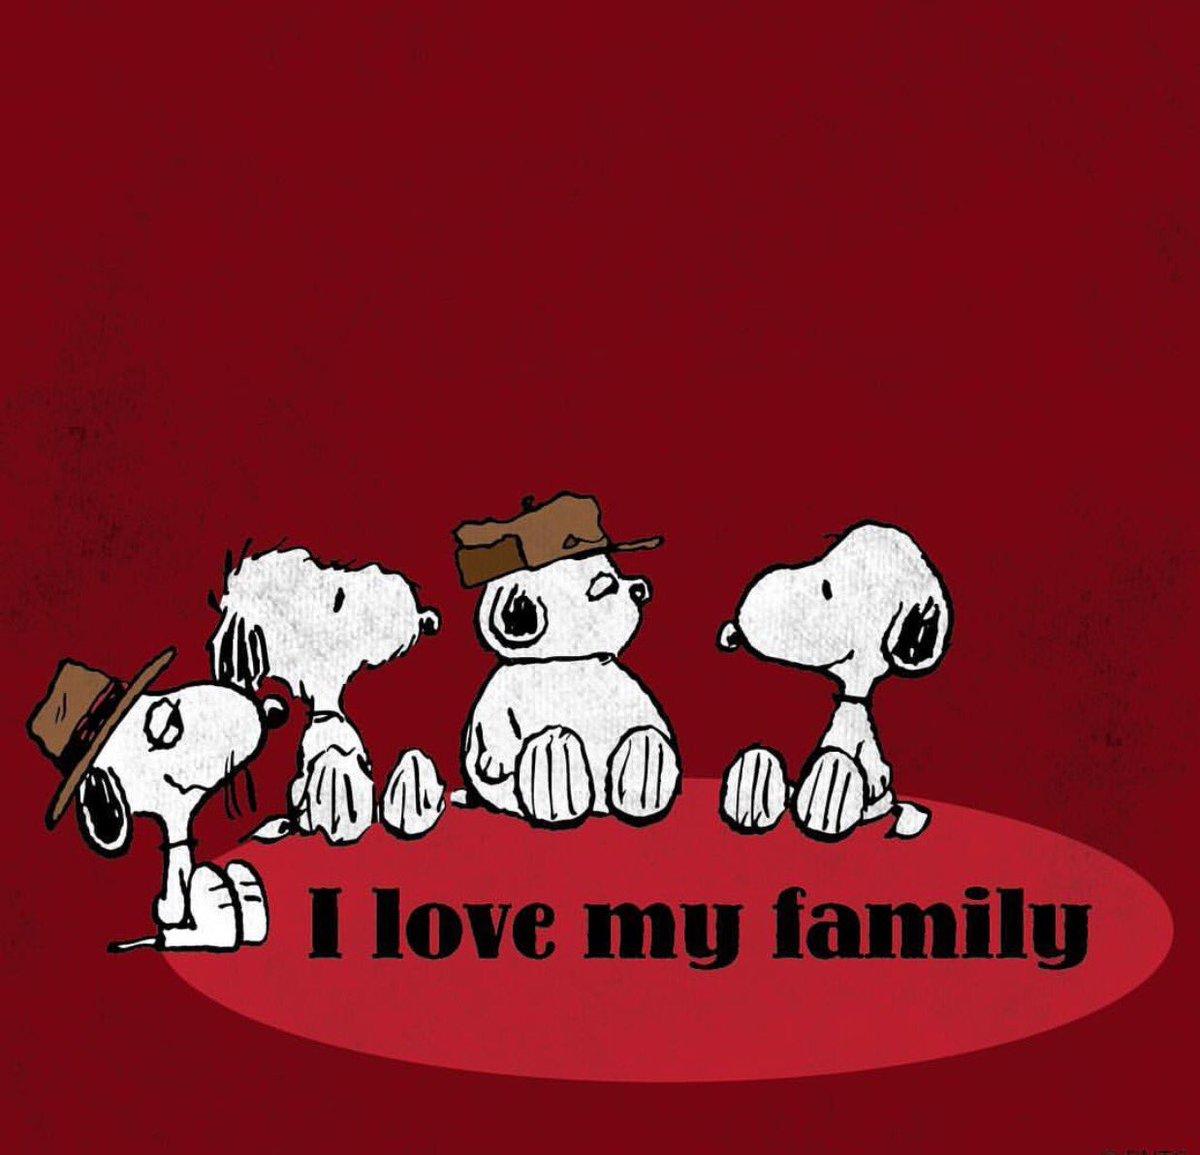 Parce qu&#39;il y a juste ça qui compte #love #Familia <br>http://pic.twitter.com/njyKxr7foP